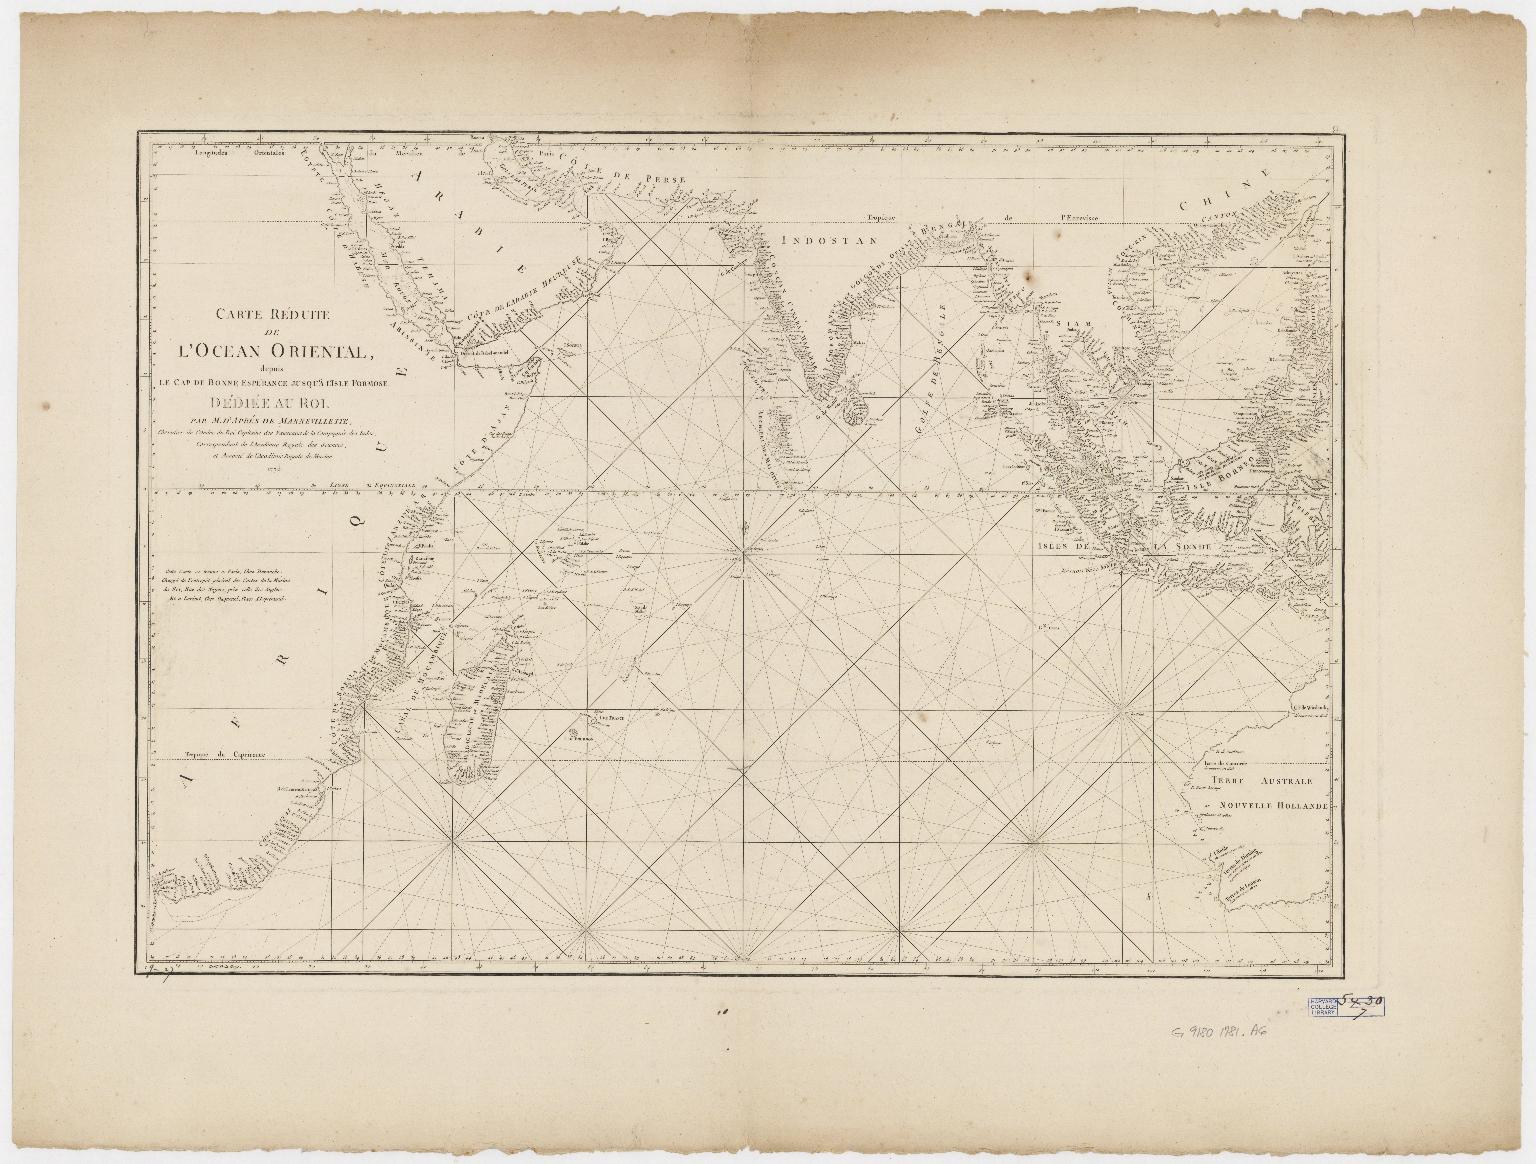 Carte réduite de l'ocean oriental depuis le Cap de Bonne Espérance jusqu'à l'isle Formose